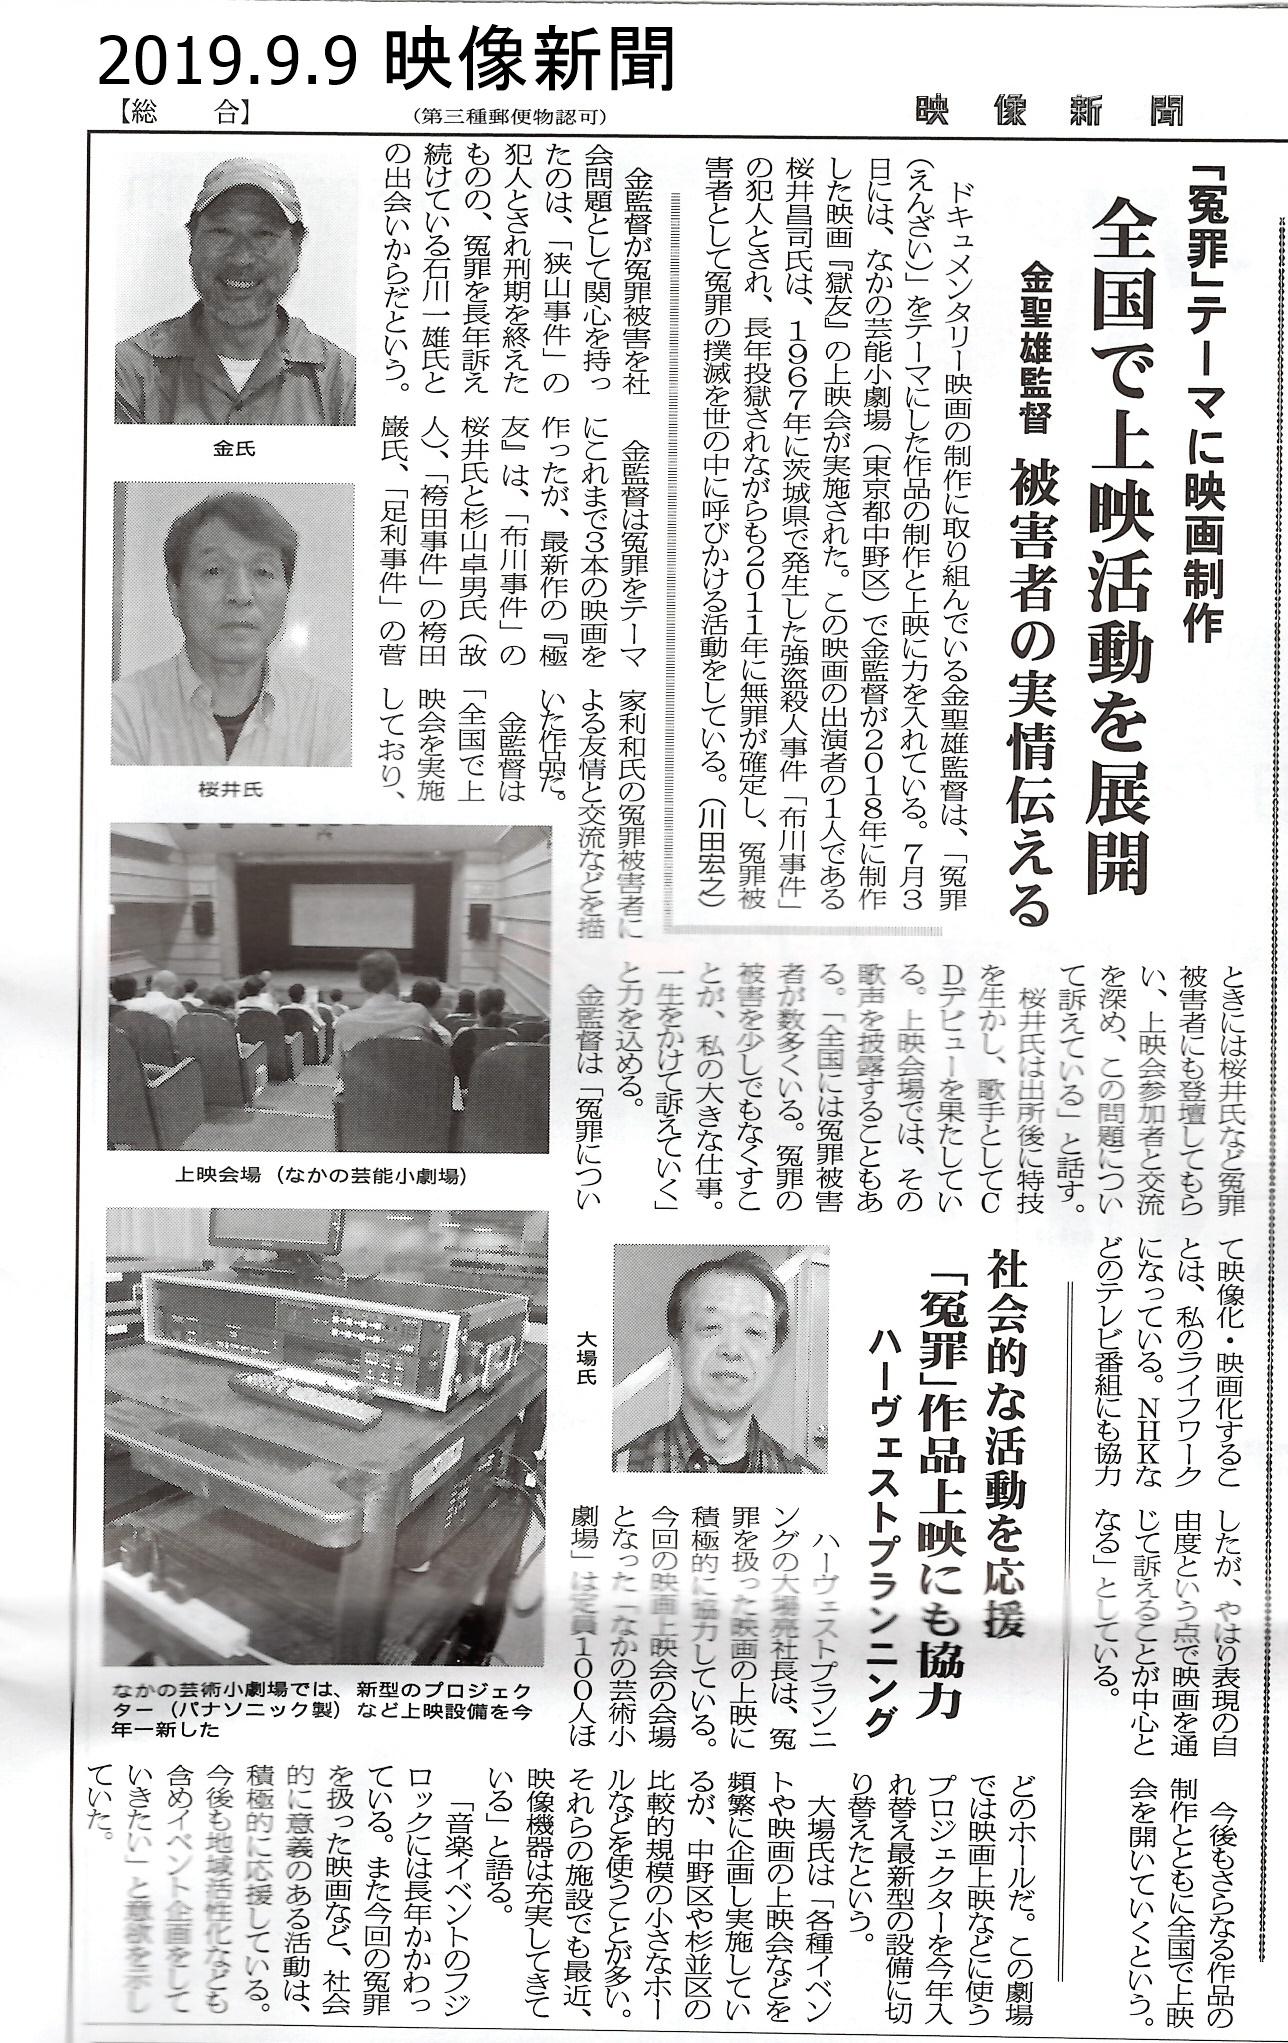 2019.9.9 映像新聞